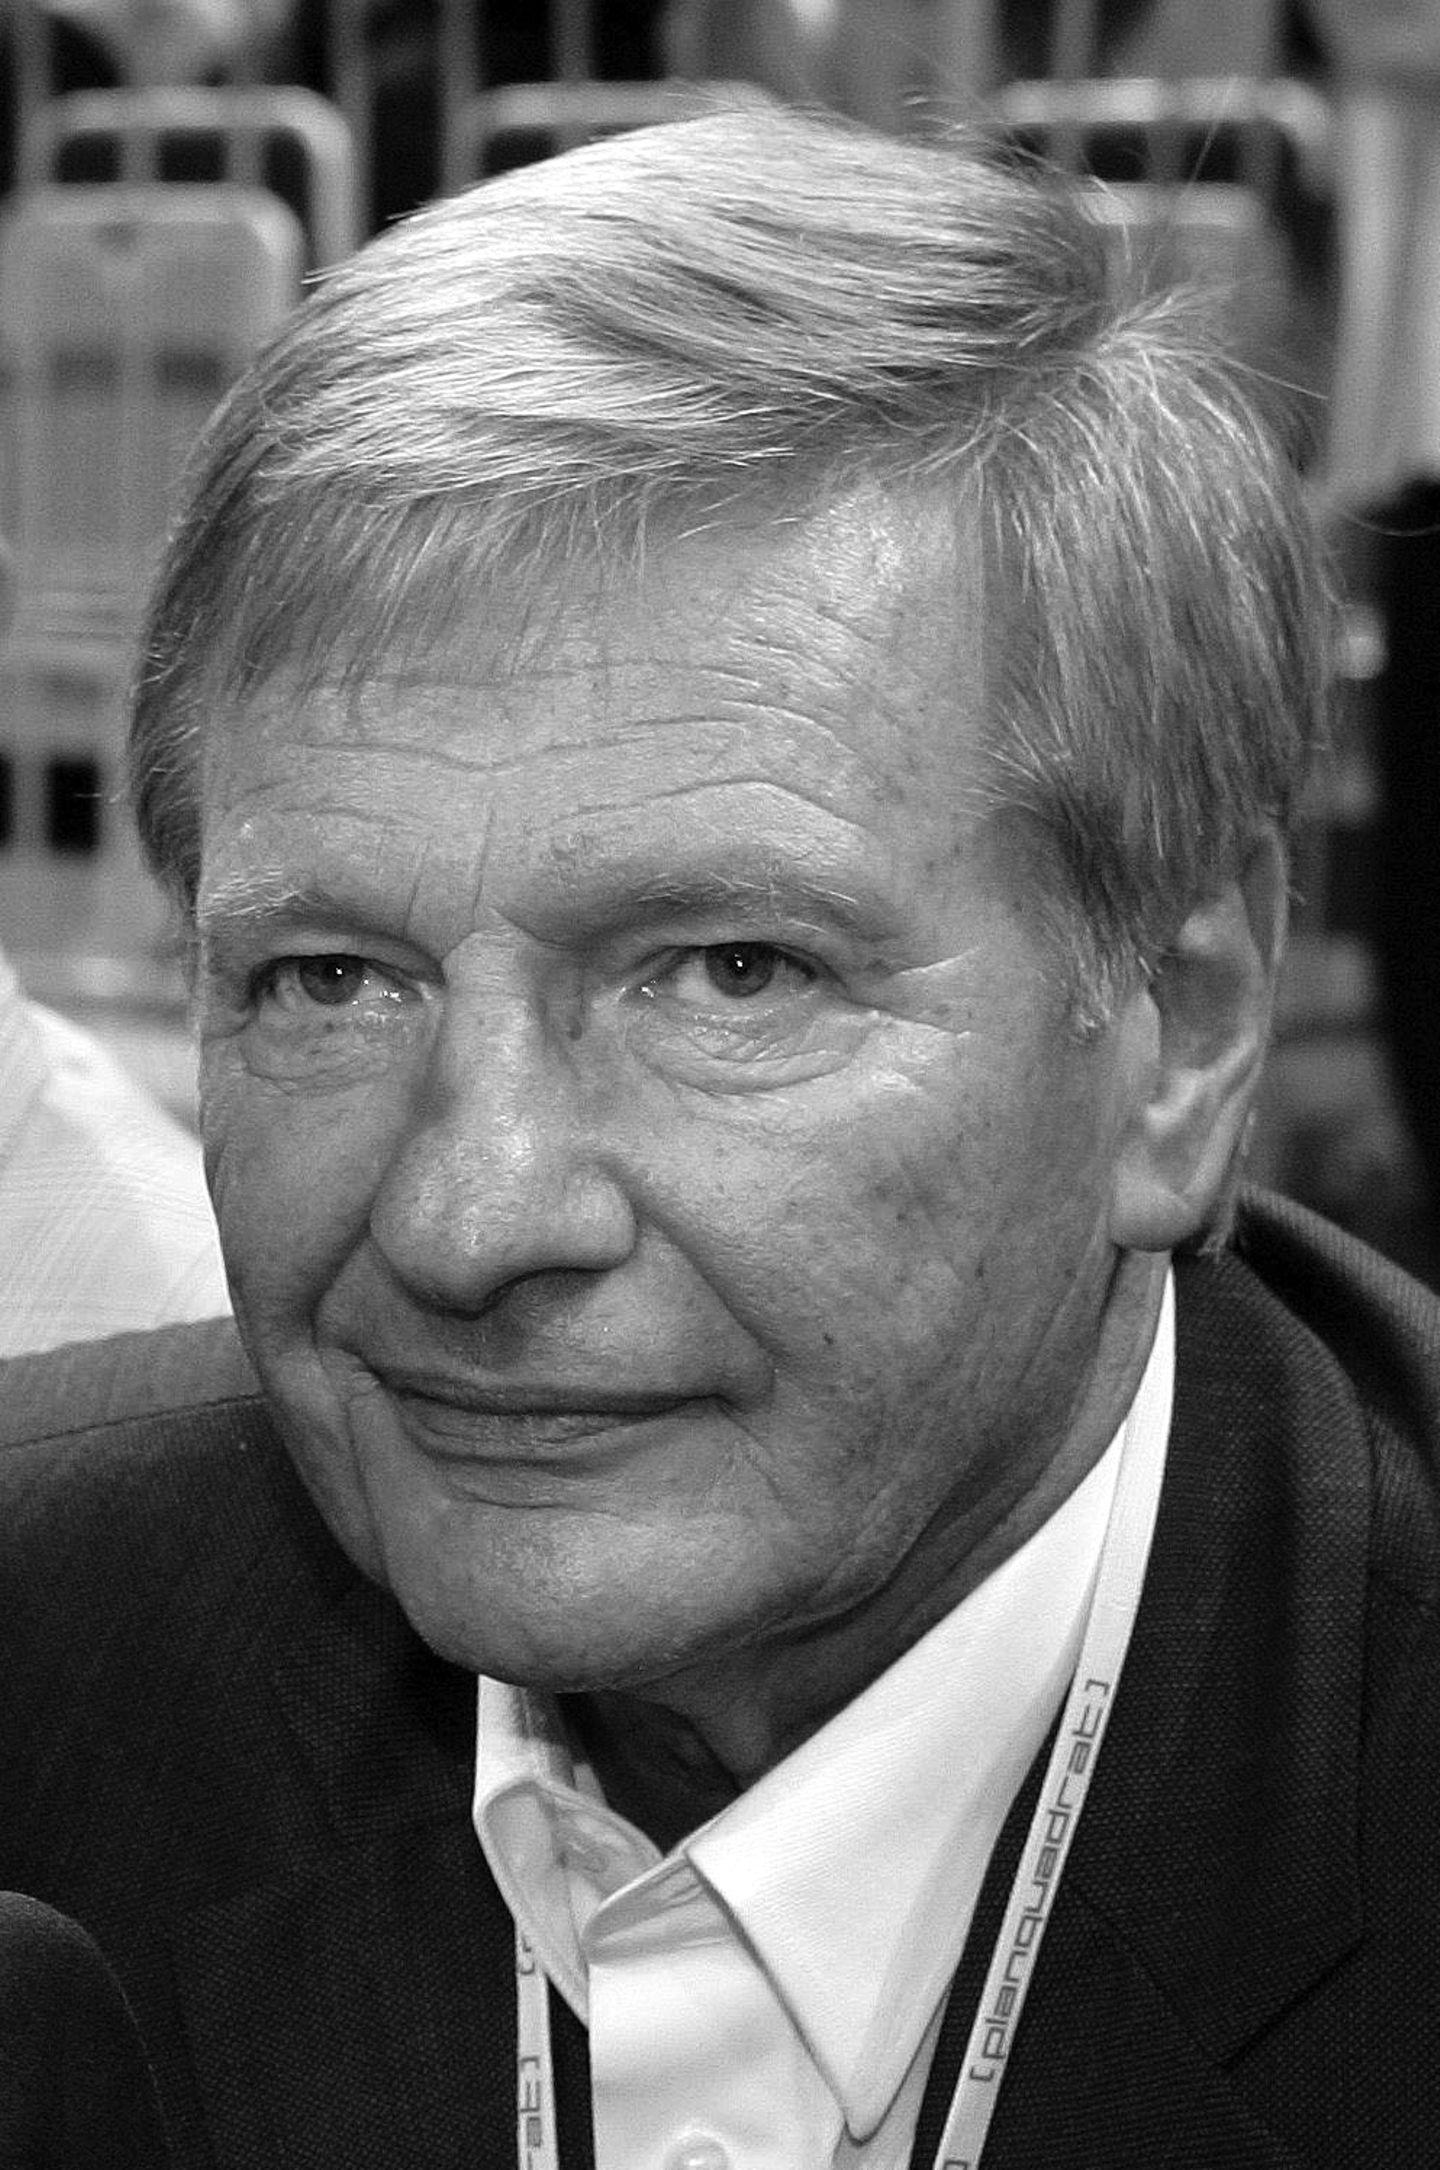 30. November: Peter Graf (75 Jahre)  Nach wochenlangem Krankenhausaufenthalt erliegt Peter Graf im Alter von 75 Jahren dem Bauchspeicheldrüsenkrebs.